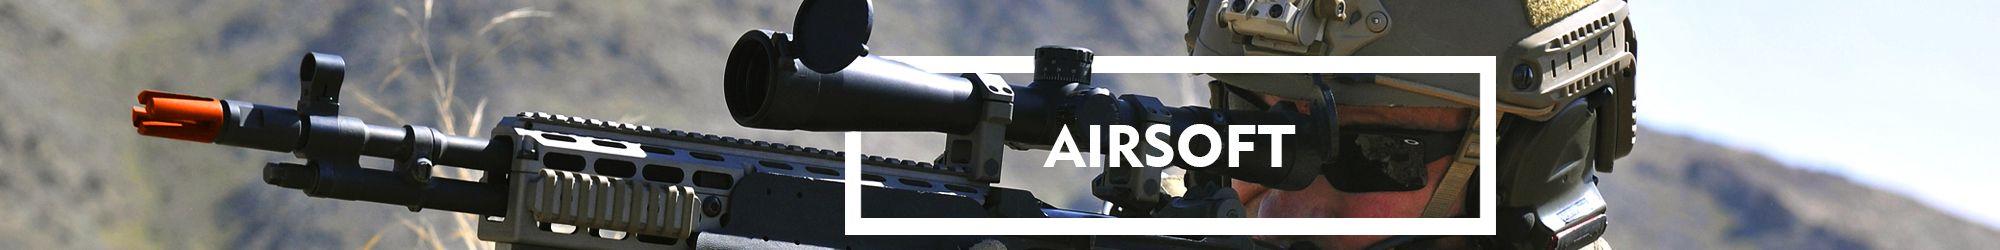 Tiro Esportivo - Airsoft e Carabinas de pressão